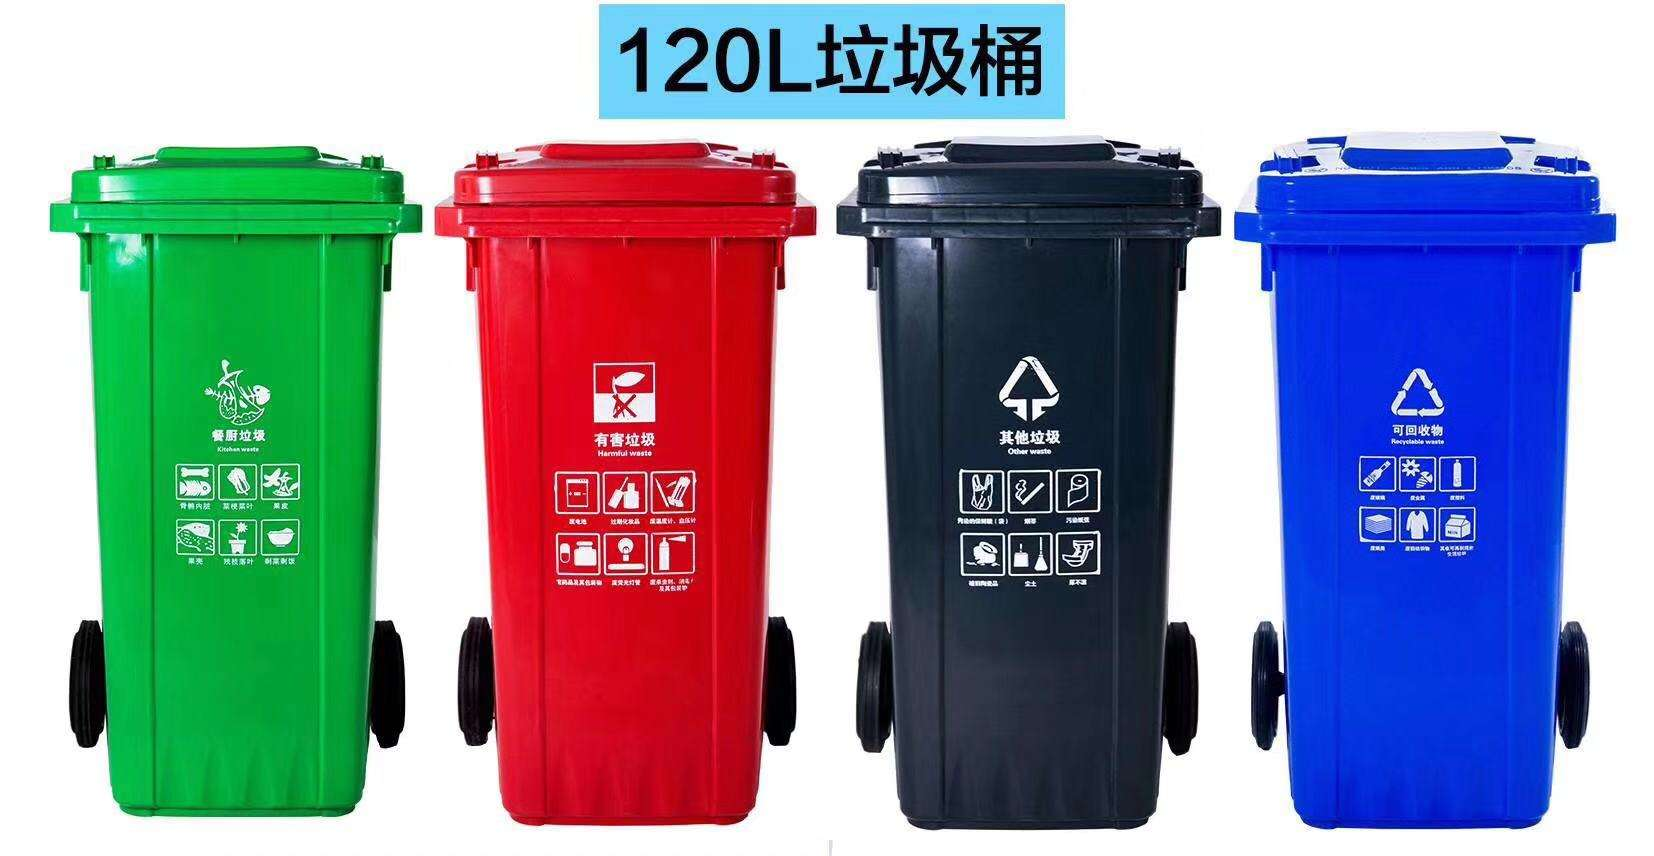 你知道如何辨别劣质塑料垃圾桶吗?